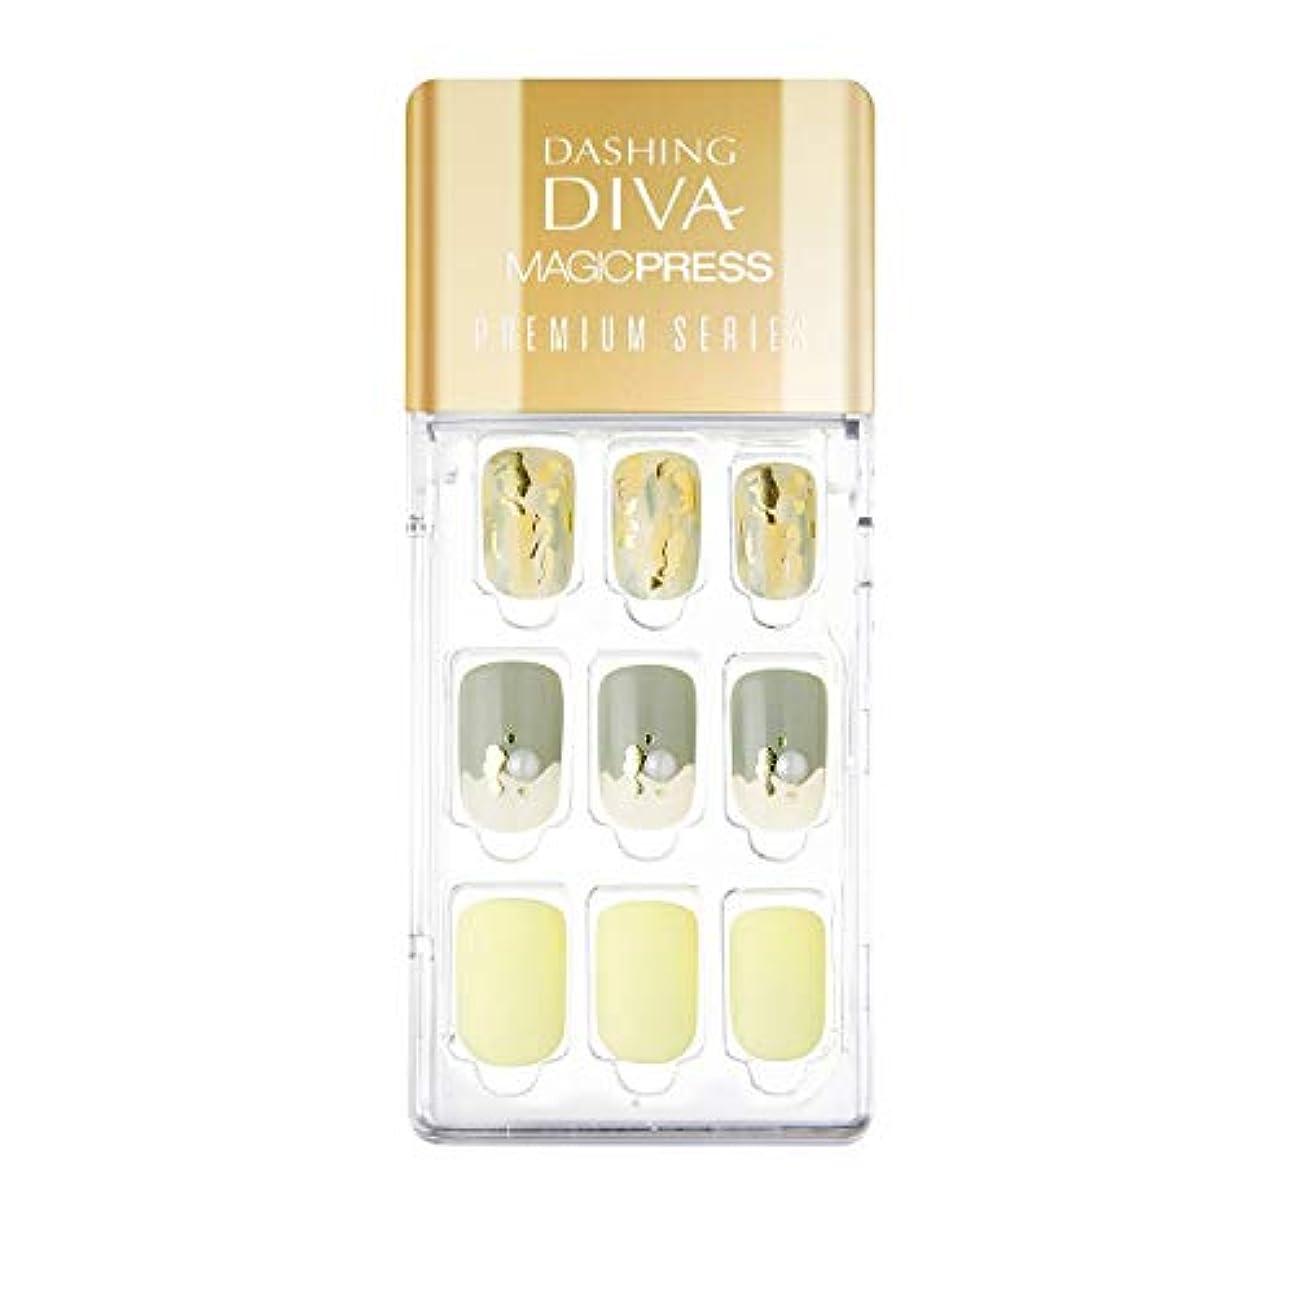 フライト恋人牧師ダッシングディバ マジックプレス DASHING DIVA MagicPress MDR_327PR-DURY+ オリジナルジェル ネイルチップ Fresh Mint